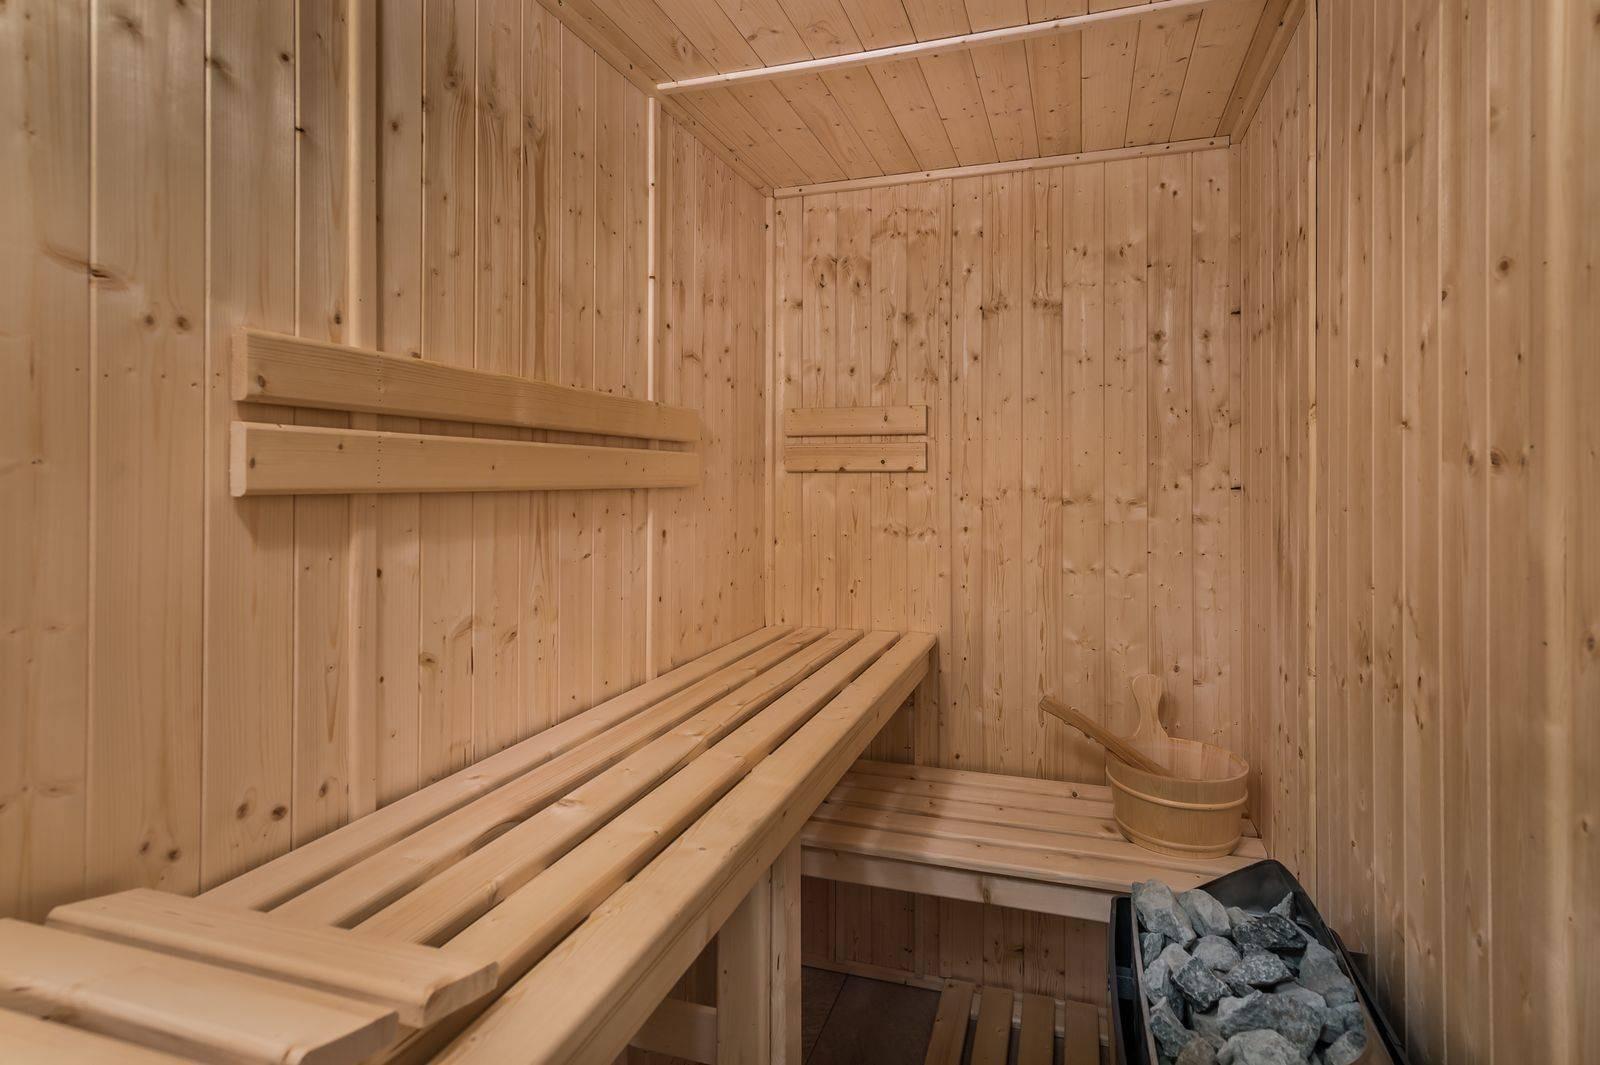 Courchevel 1550 Location Appartement Luxe Telokia Sauna